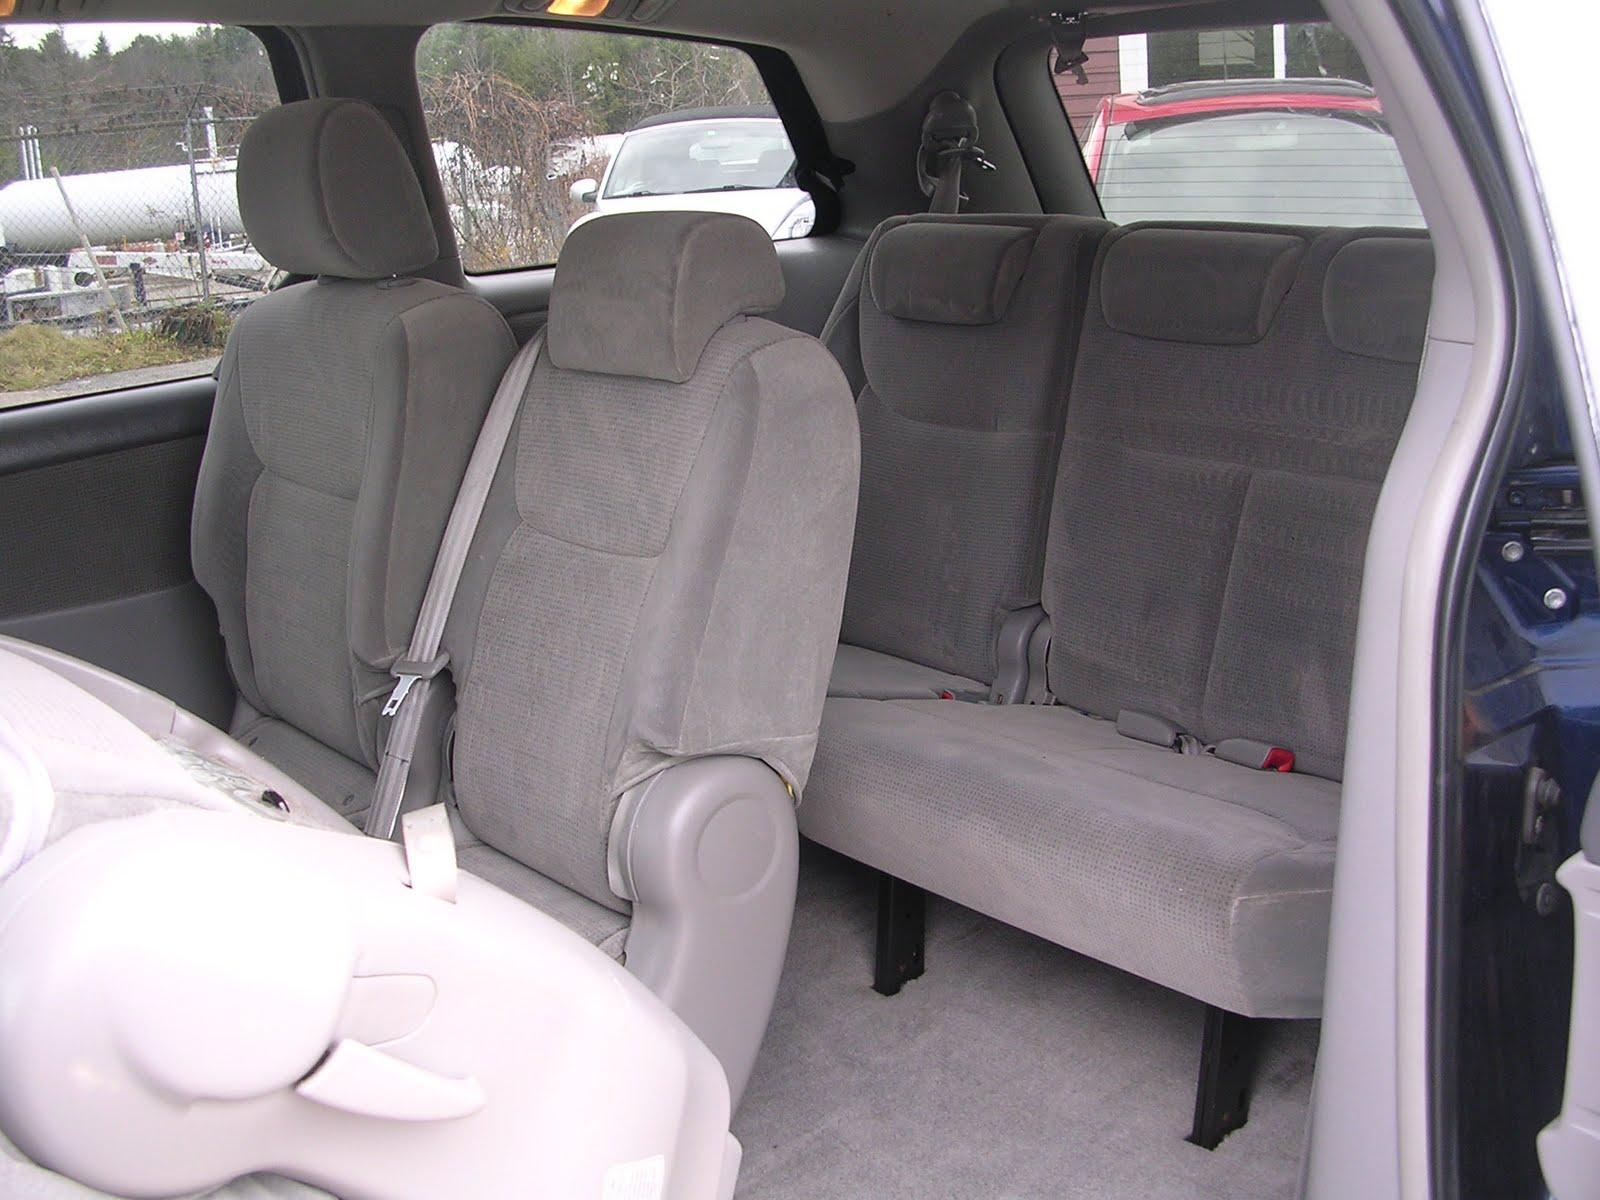 Vehix.com: Http://www.vehix.com/car Reviews/2005/toyota/sienna